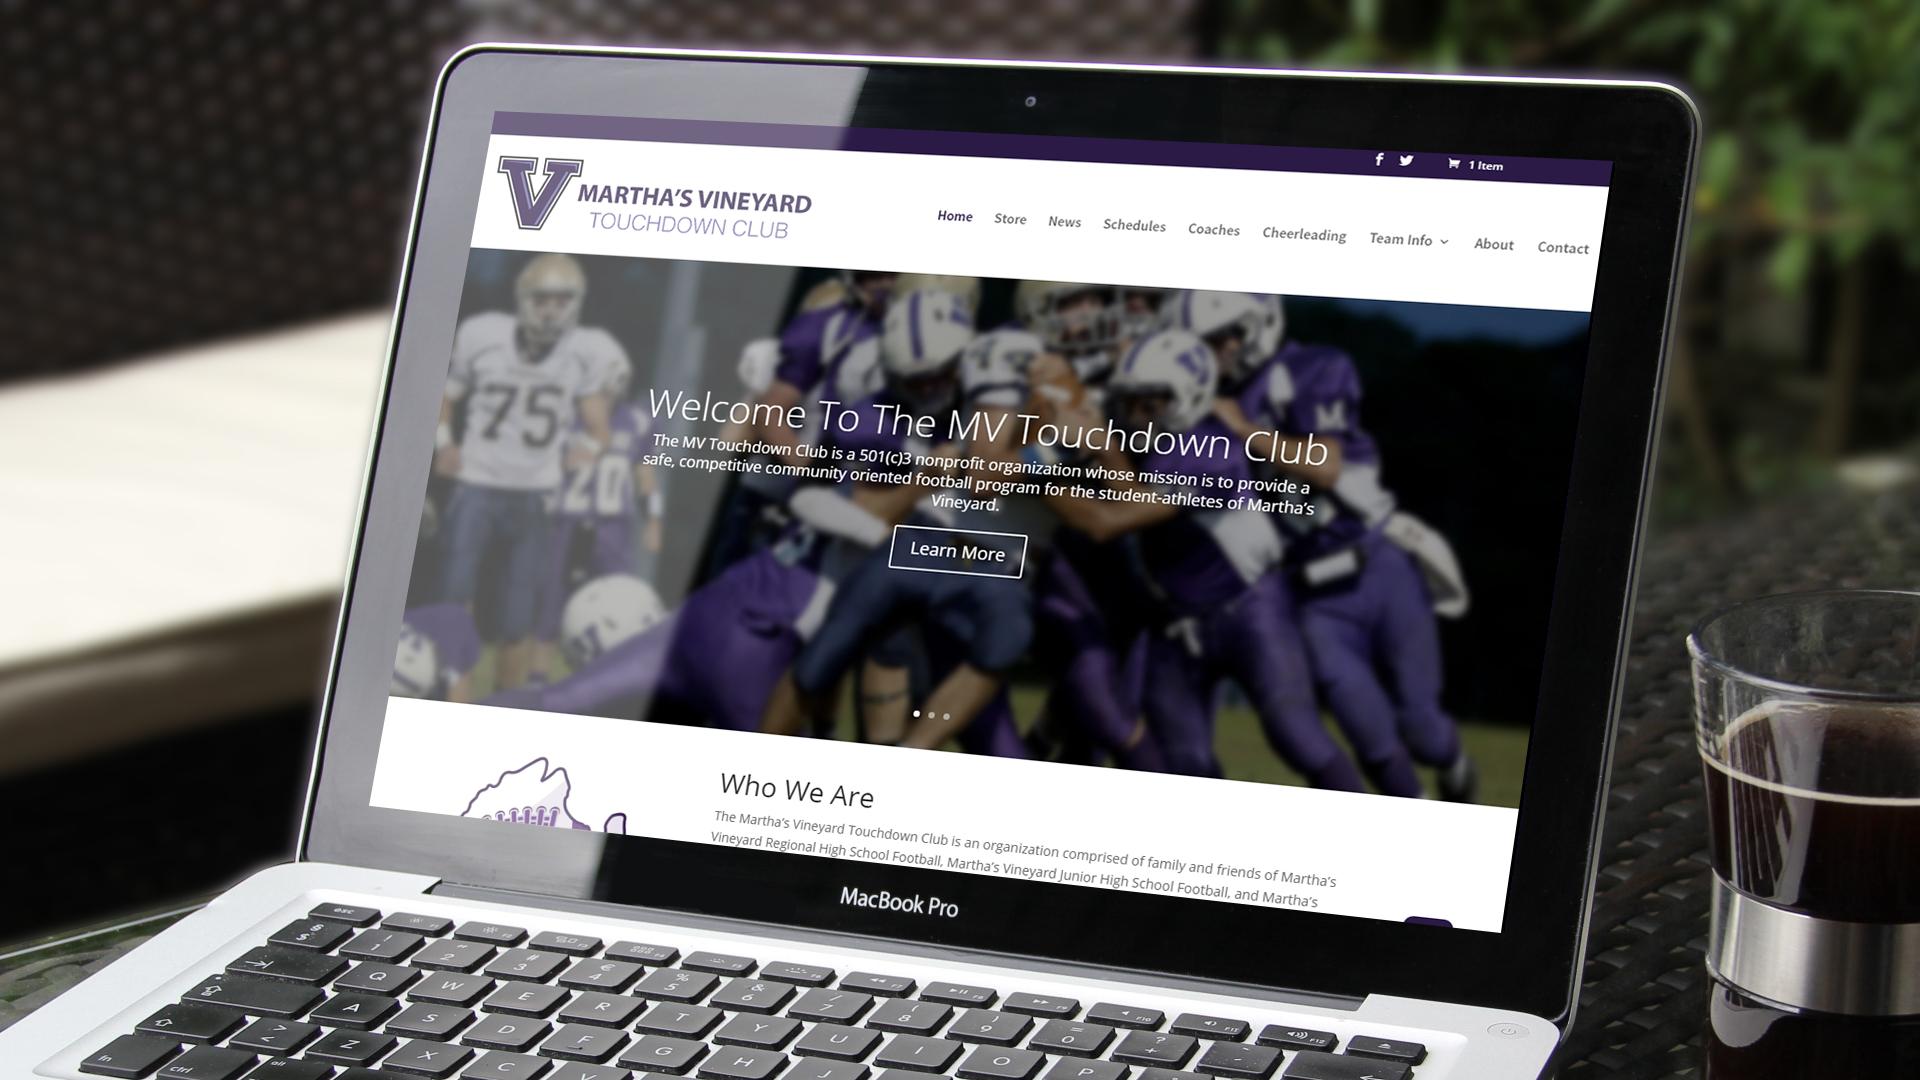 Martha's Vineyard Touchdown Club Website